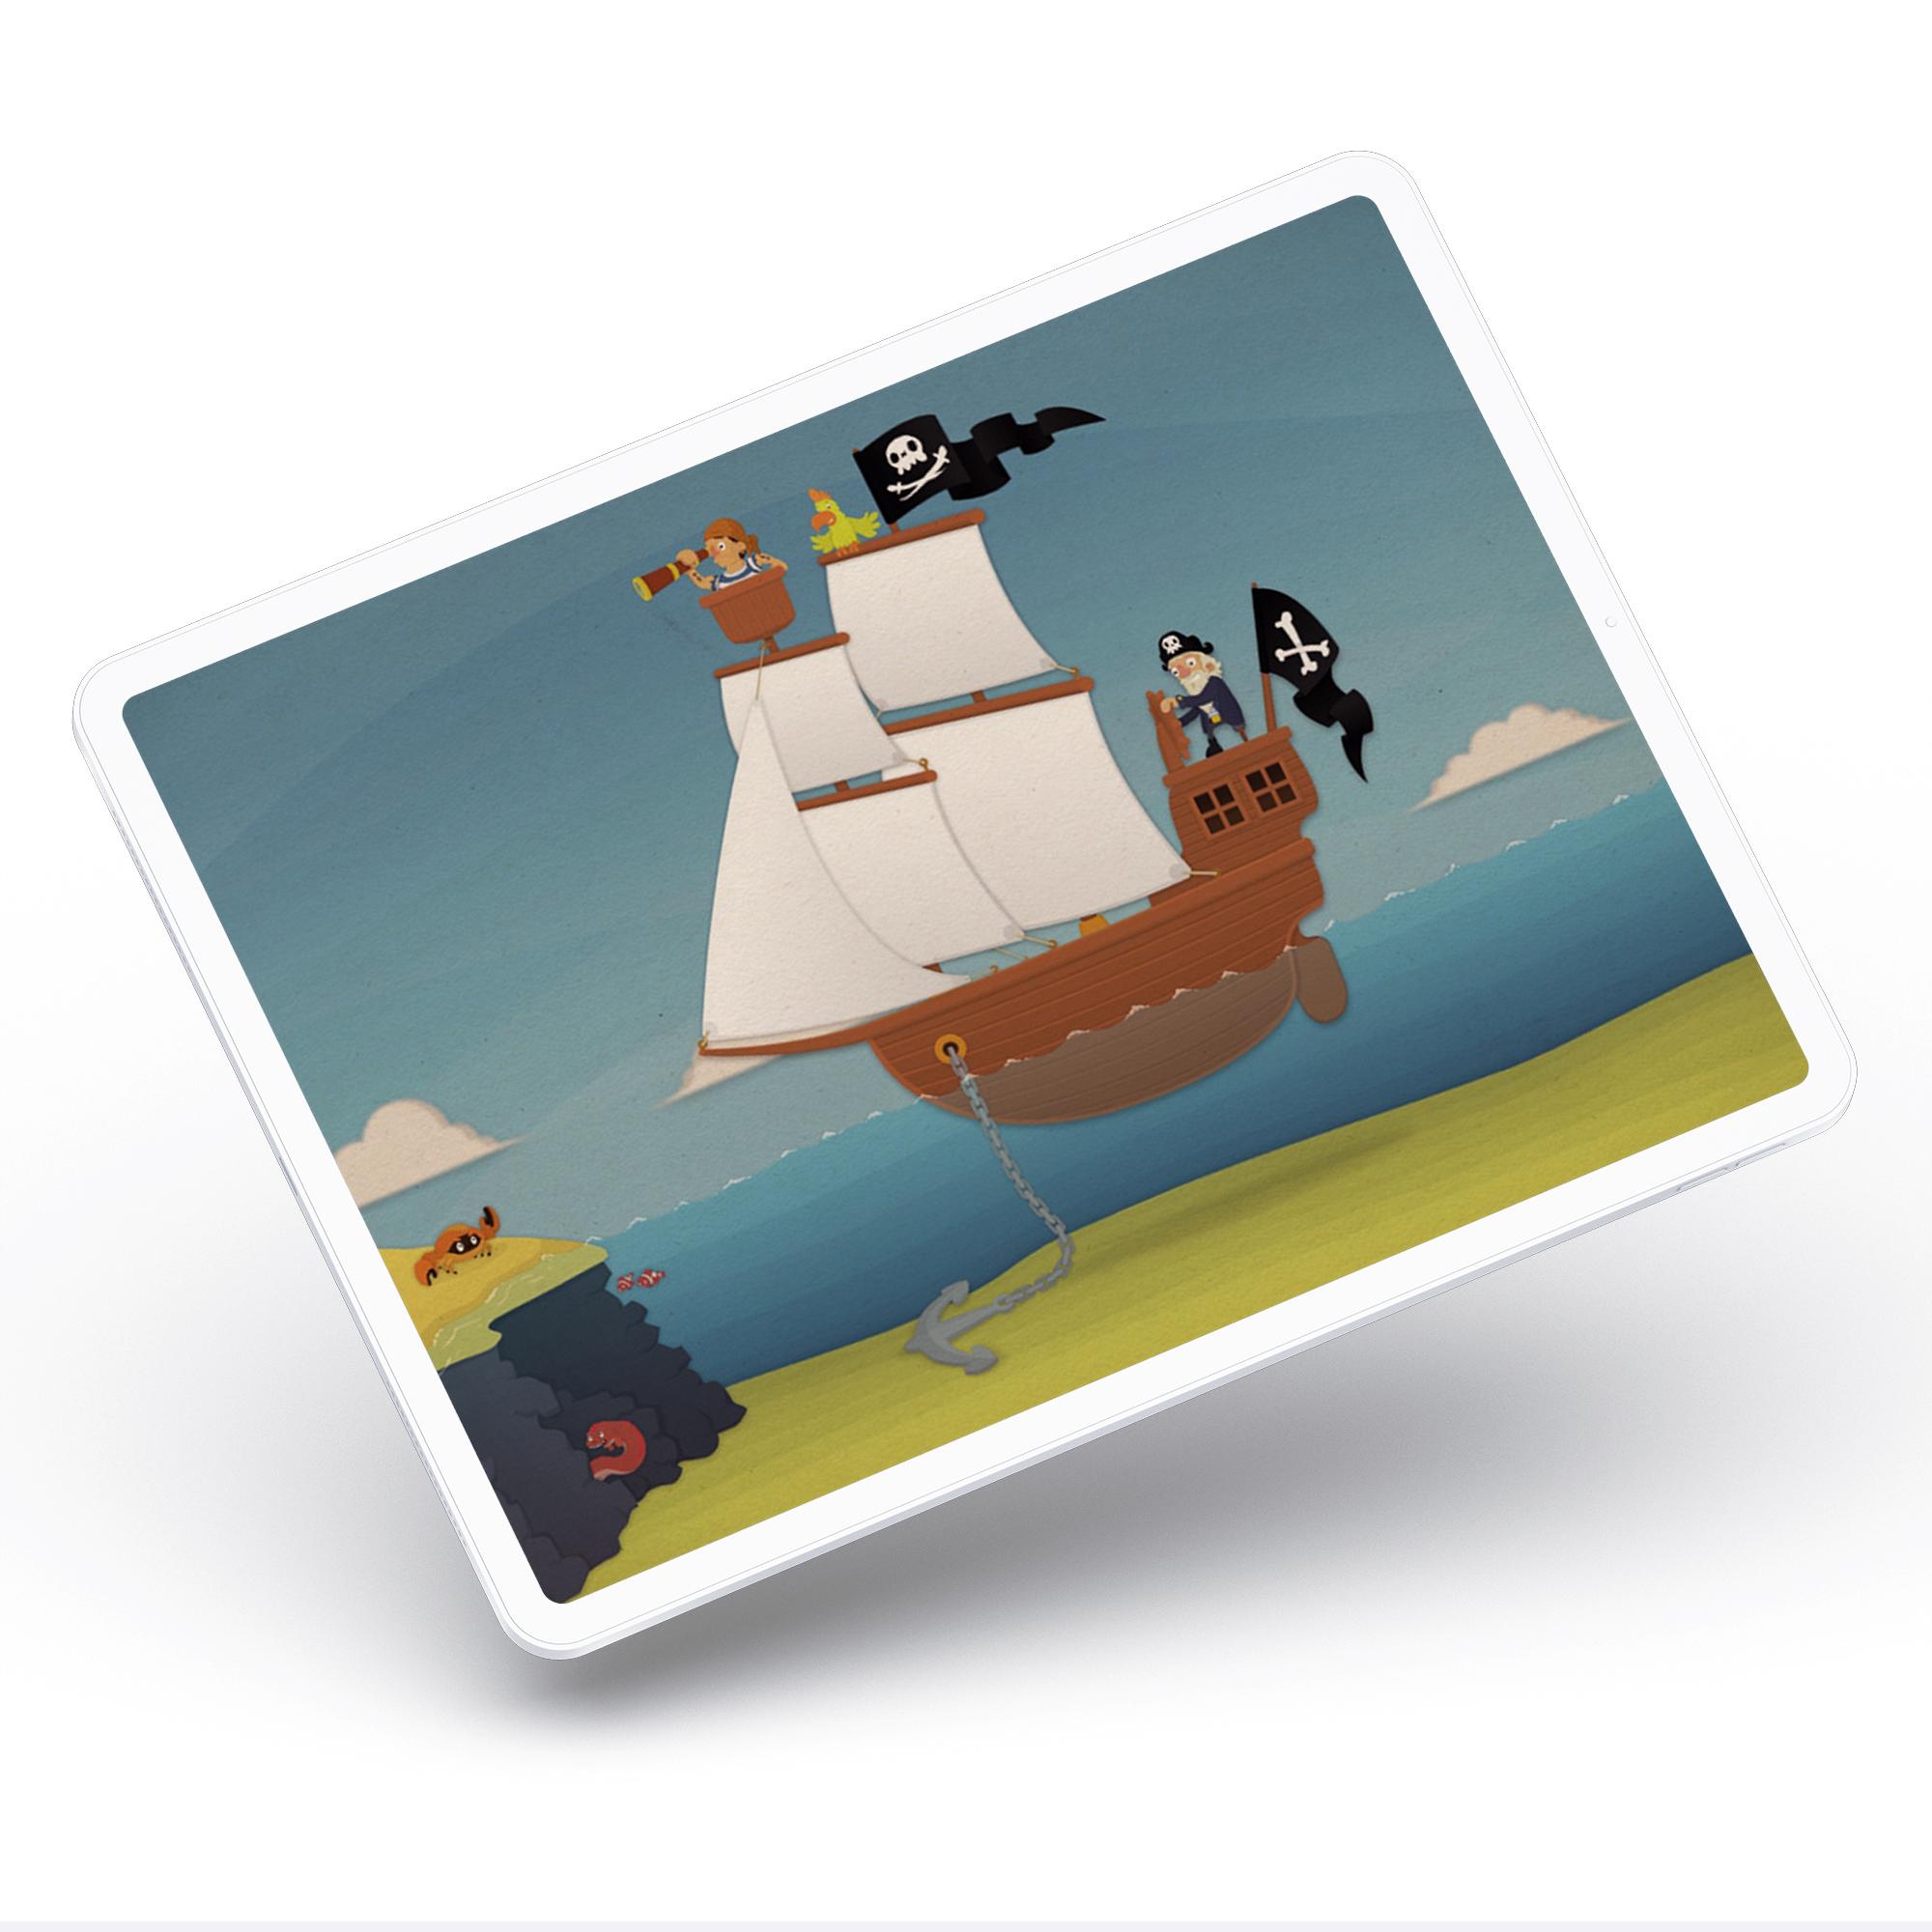 JB_pirate_ship